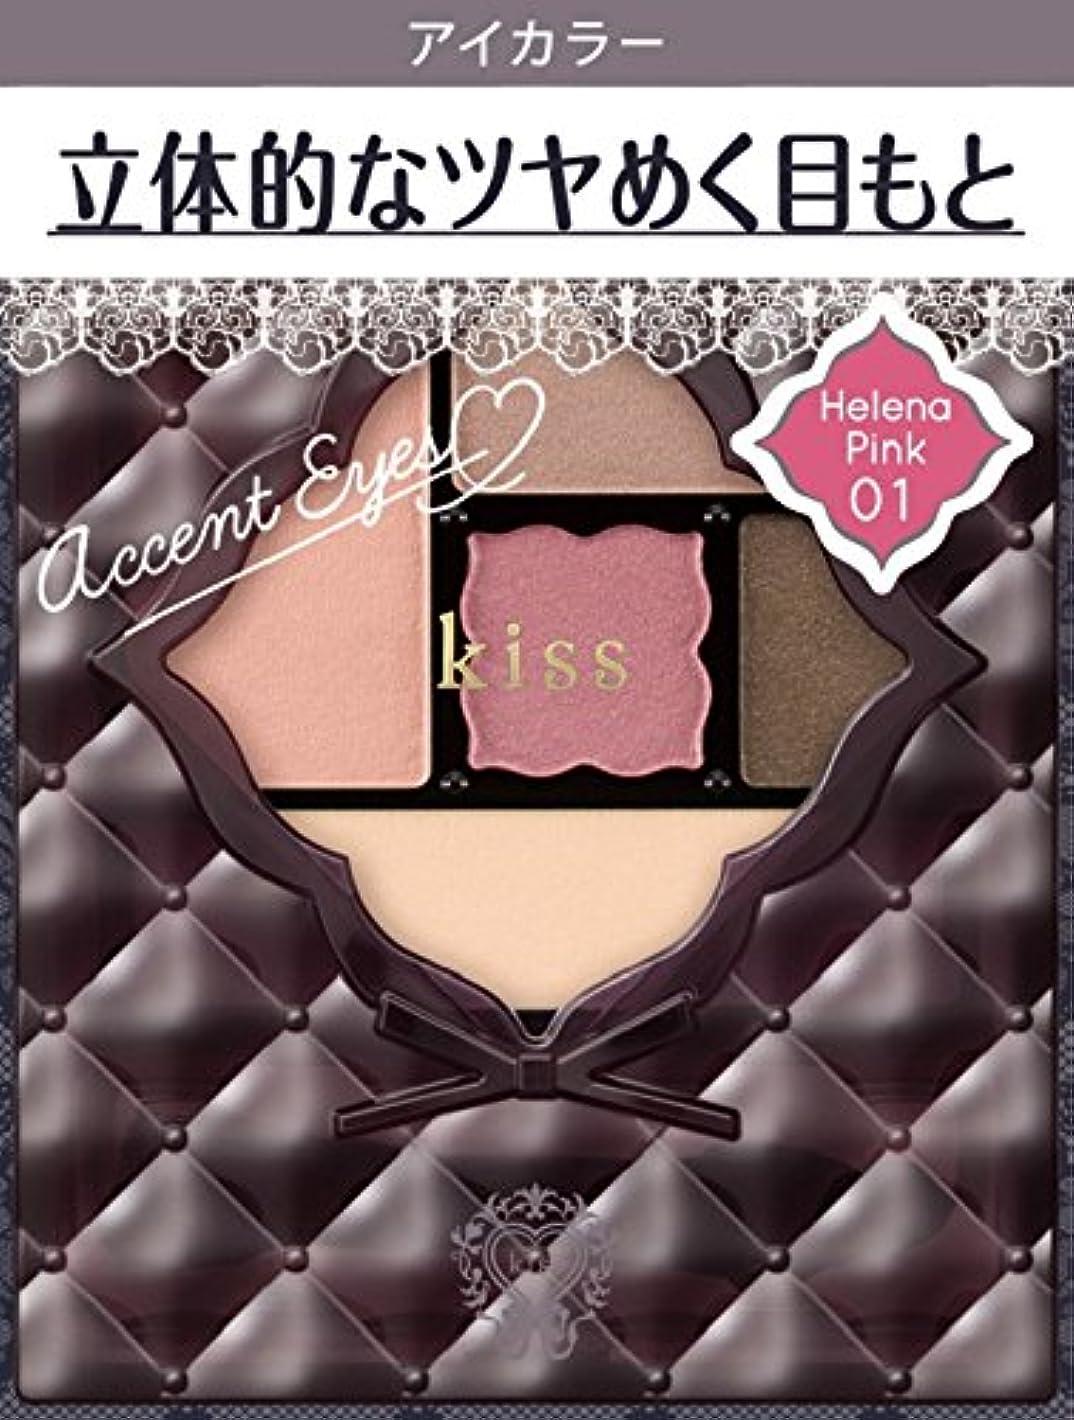 インシュレータつかの間始めるキス アクセントアイズ01 ヘレネーピンク 3.5g